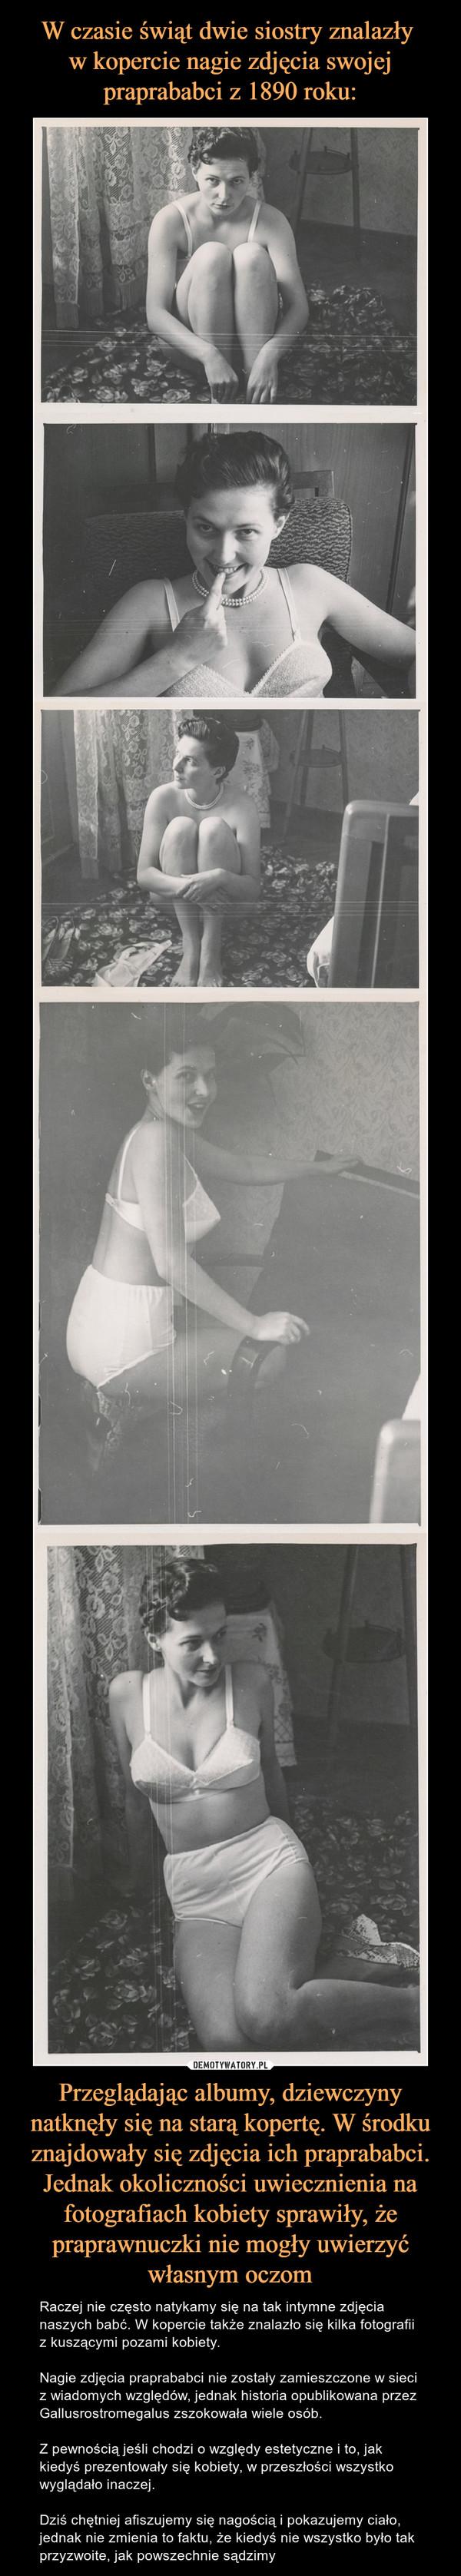 Przeglądając albumy, dziewczyny natknęły się na starą kopertę. W środku znajdowały się zdjęcia ich praprababci. Jednak okoliczności uwiecznienia na fotografiach kobiety sprawiły, że praprawnuczki nie mogły uwierzyć własnym oczom – Raczej nie często natykamy się na tak intymne zdjęcia naszych babć. W kopercie także znalazło się kilka fotografii z kuszącymi pozami kobiety.Nagie zdjęcia praprababci nie zostały zamieszczone w sieci z wiadomych względów, jednak historia opublikowana przez Gallusrostromegalus zszokowała wiele osób.Z pewnością jeśli chodzi o względy estetyczne i to, jak kiedyś prezentowały się kobiety, w przeszłości wszystko wyglądało inaczej.Dziś chętniej afiszujemy się nagością i pokazujemy ciało, jednak nie zmienia to faktu, że kiedyś nie wszystko było tak przyzwoite, jak powszechnie sądzimy